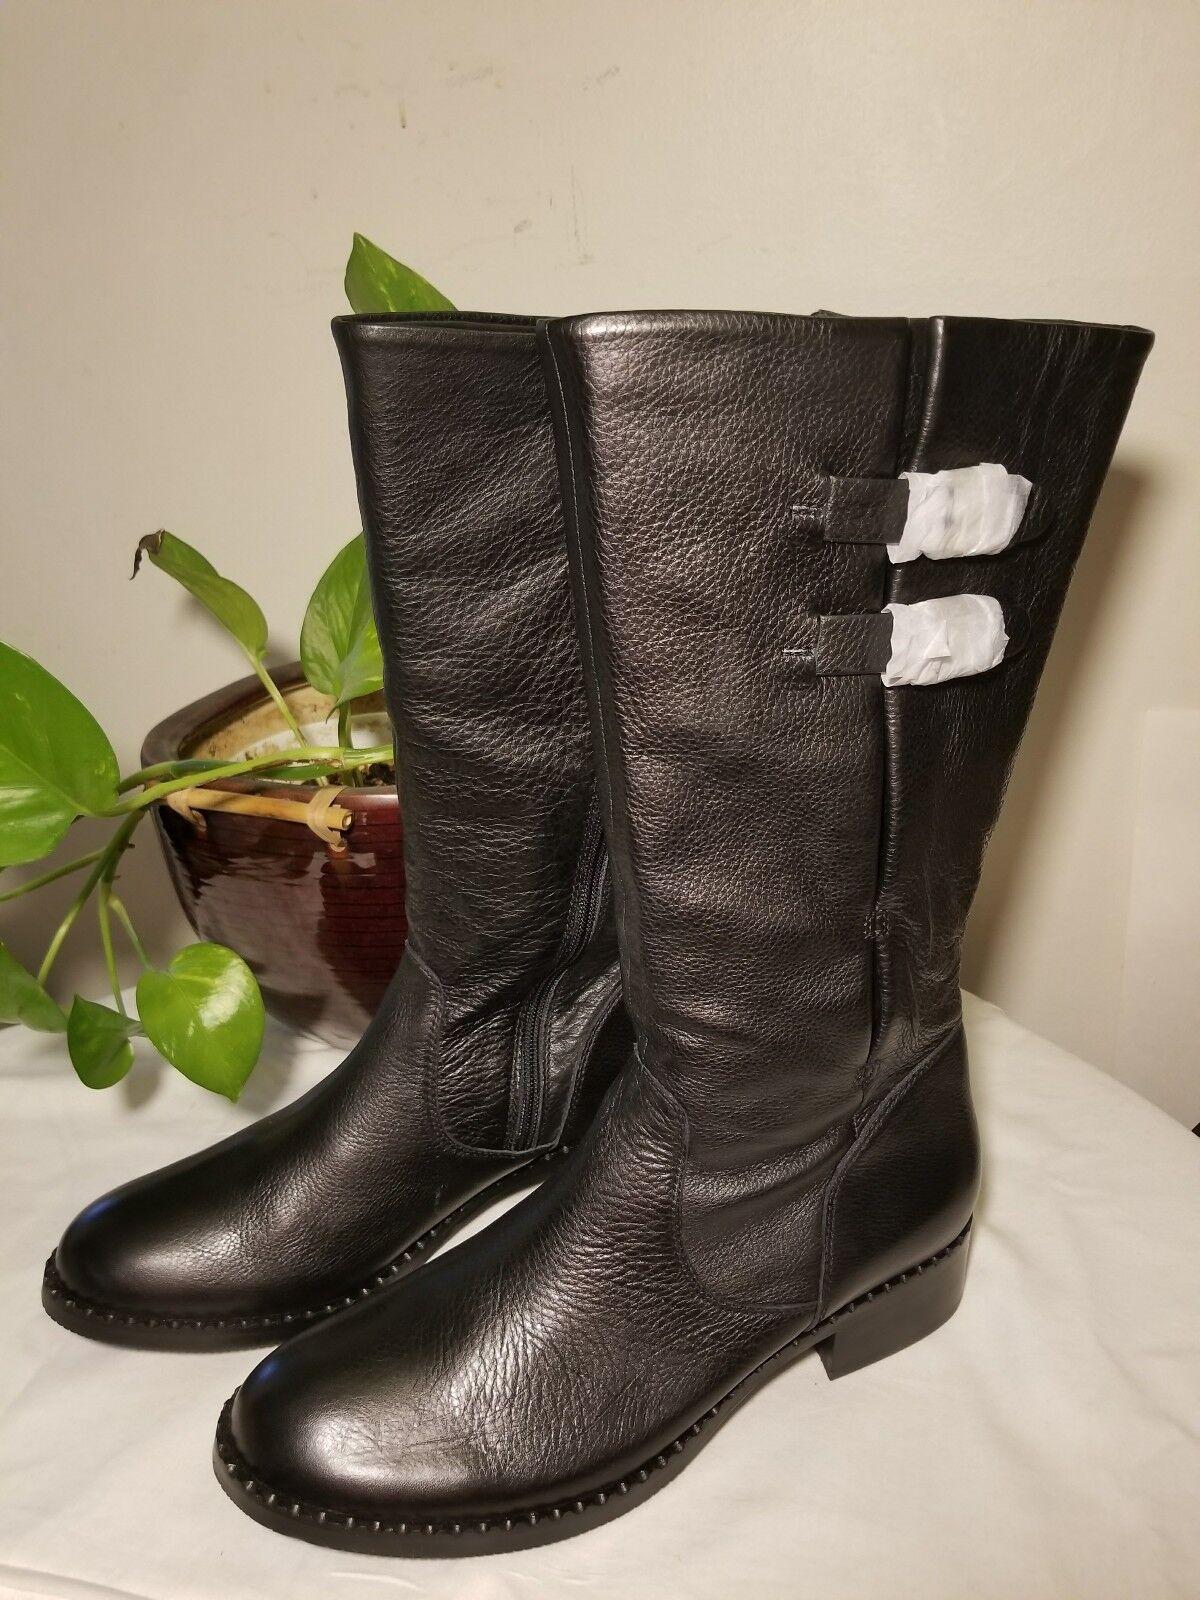 Gentle Souls By KENNETH COLE  Brian  noir leather calf démarrage sz 11M  299 retail